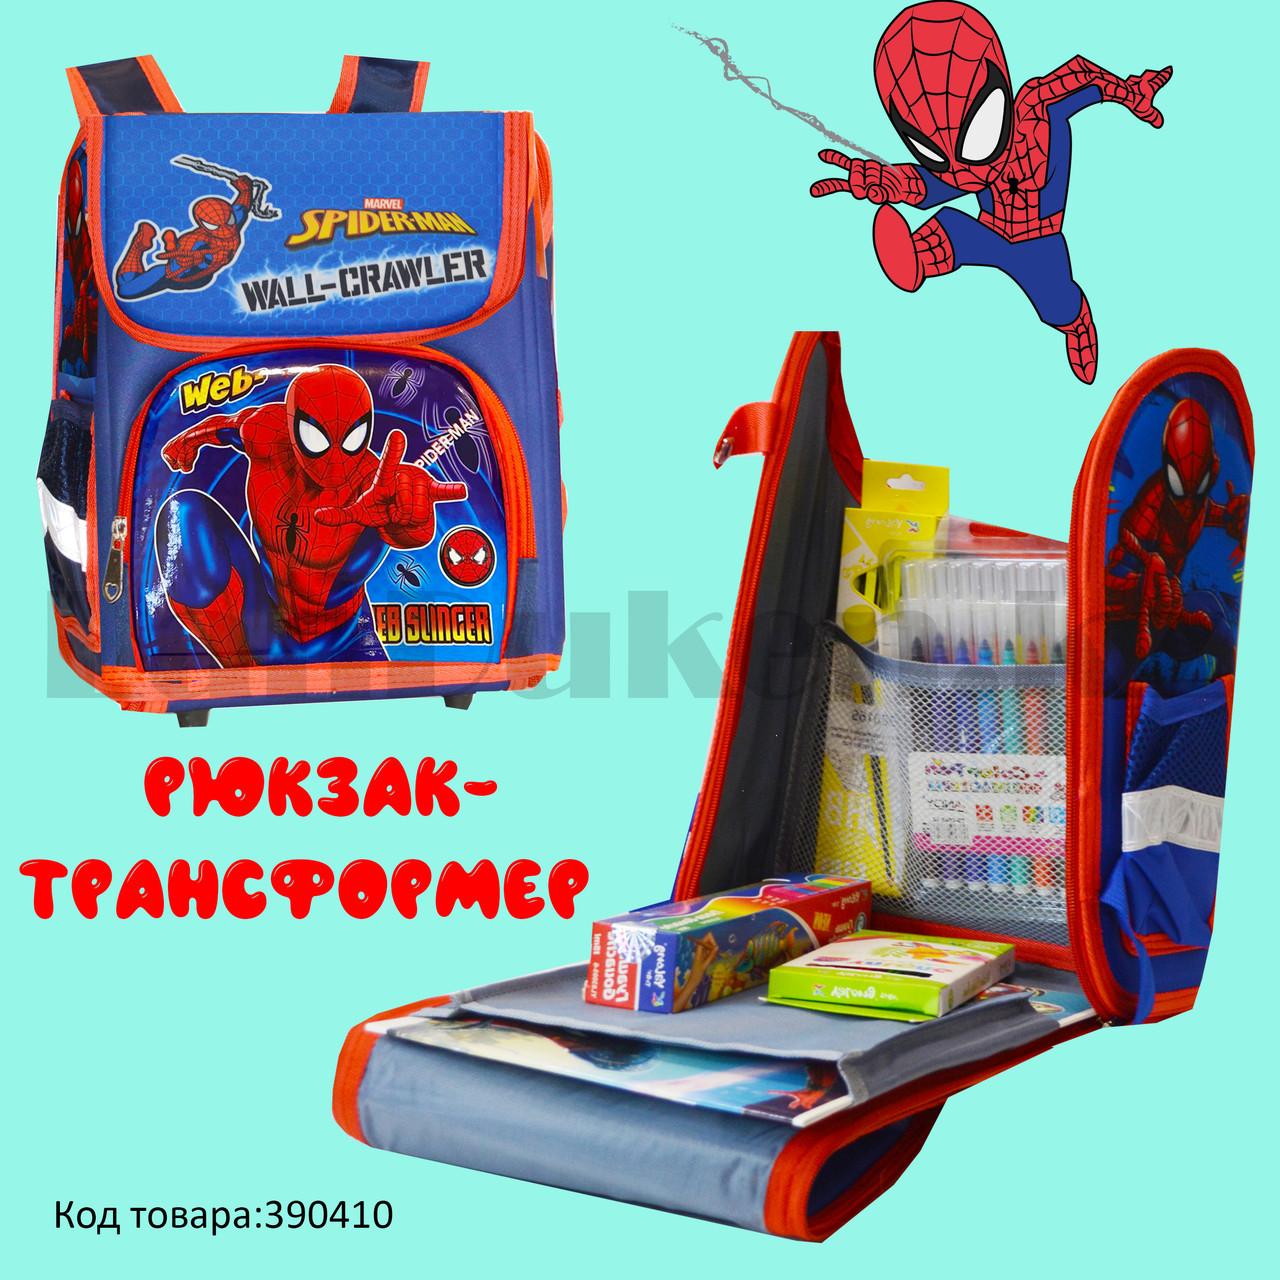 Ранец трансформер (складной) с ортопедической спинкой и со светоотражателями Человек Паук (Spider man) - фото 1